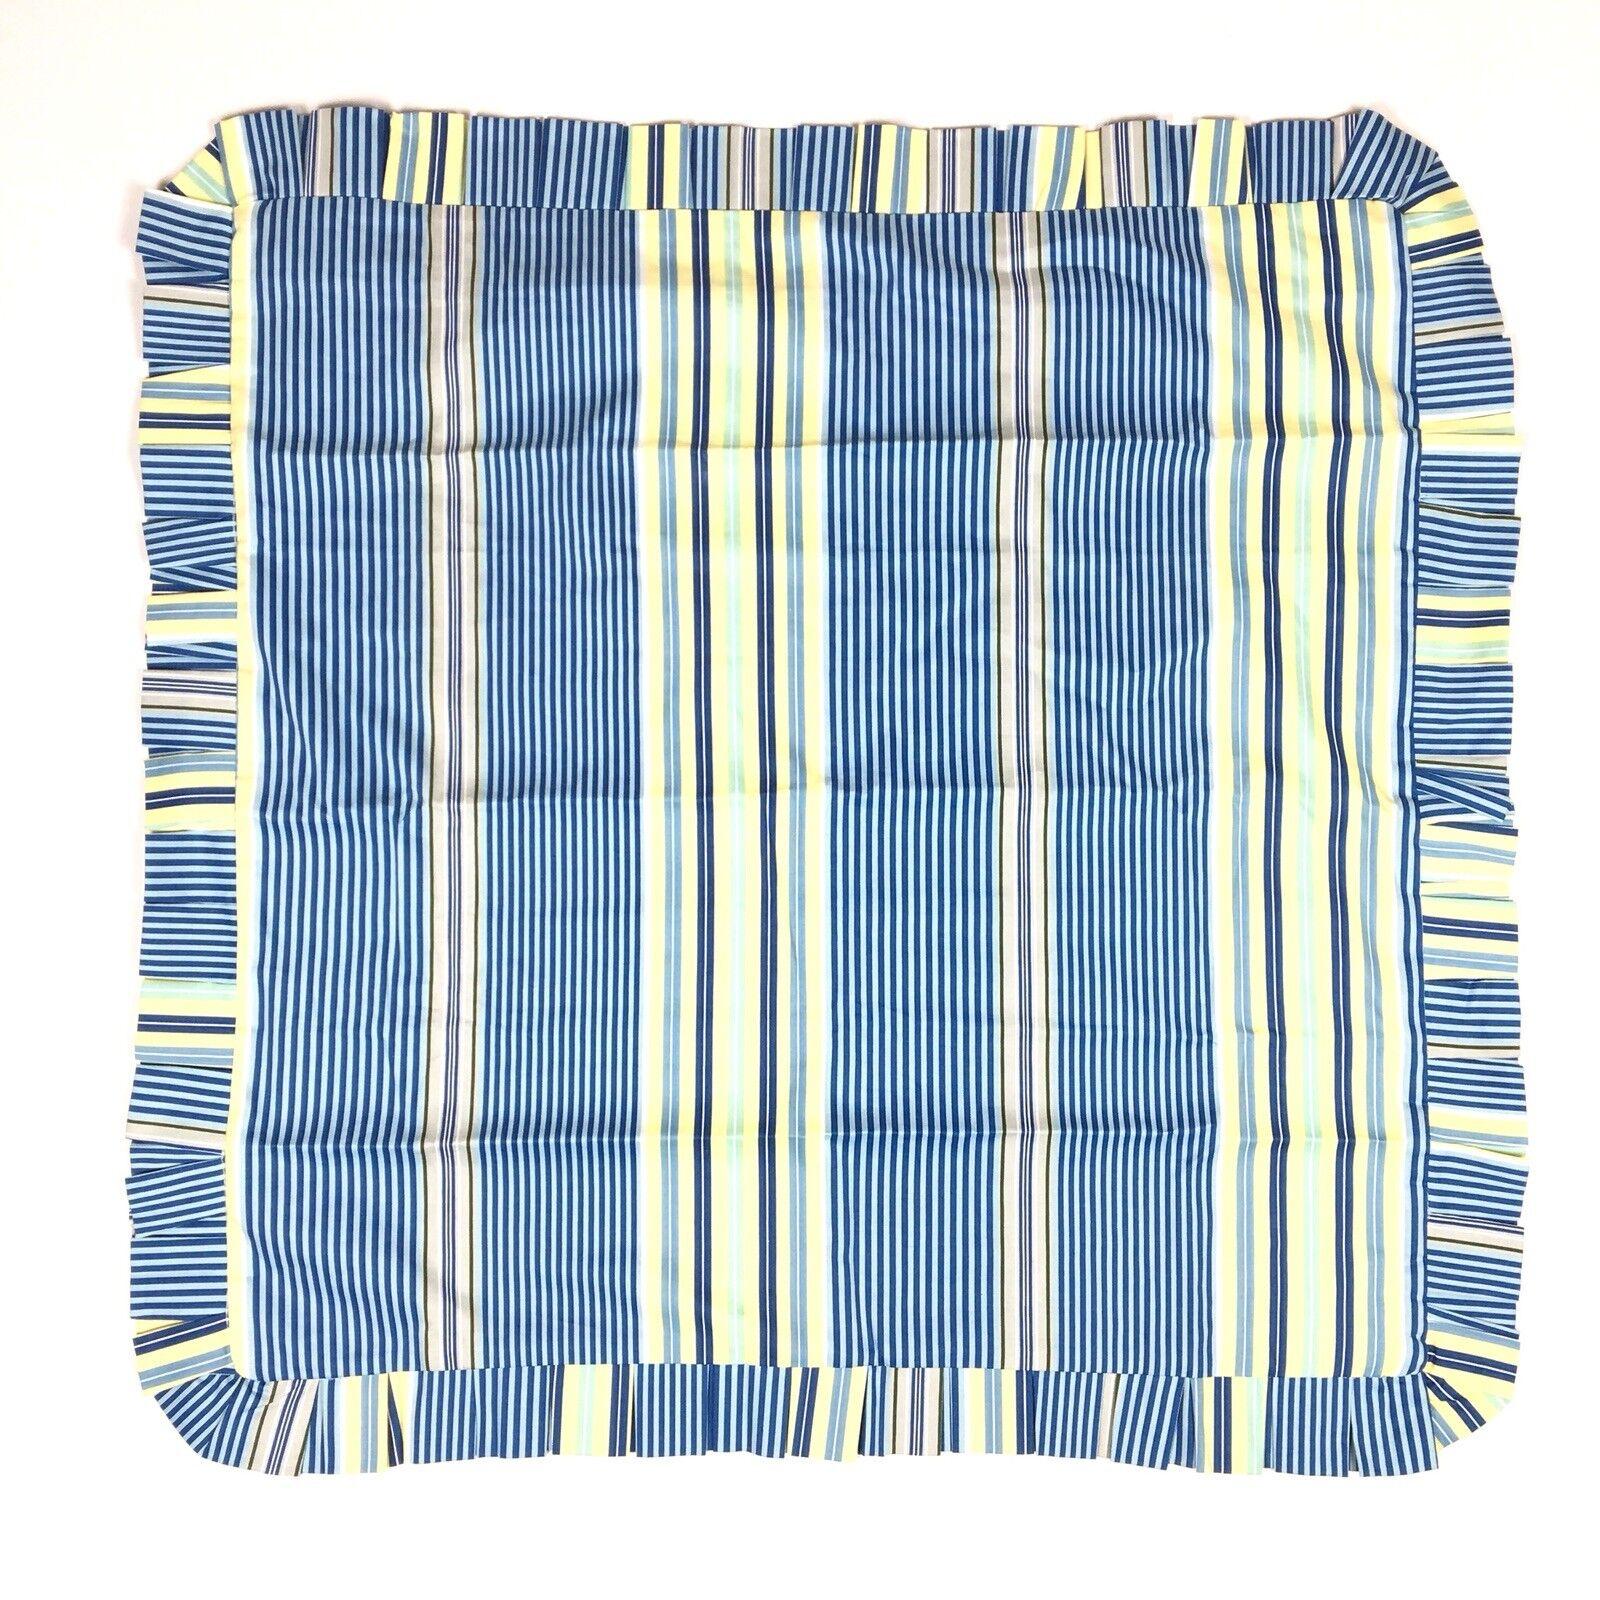 Waverly Striped Euro Pillow Sham blueeee Yellow Ruffled